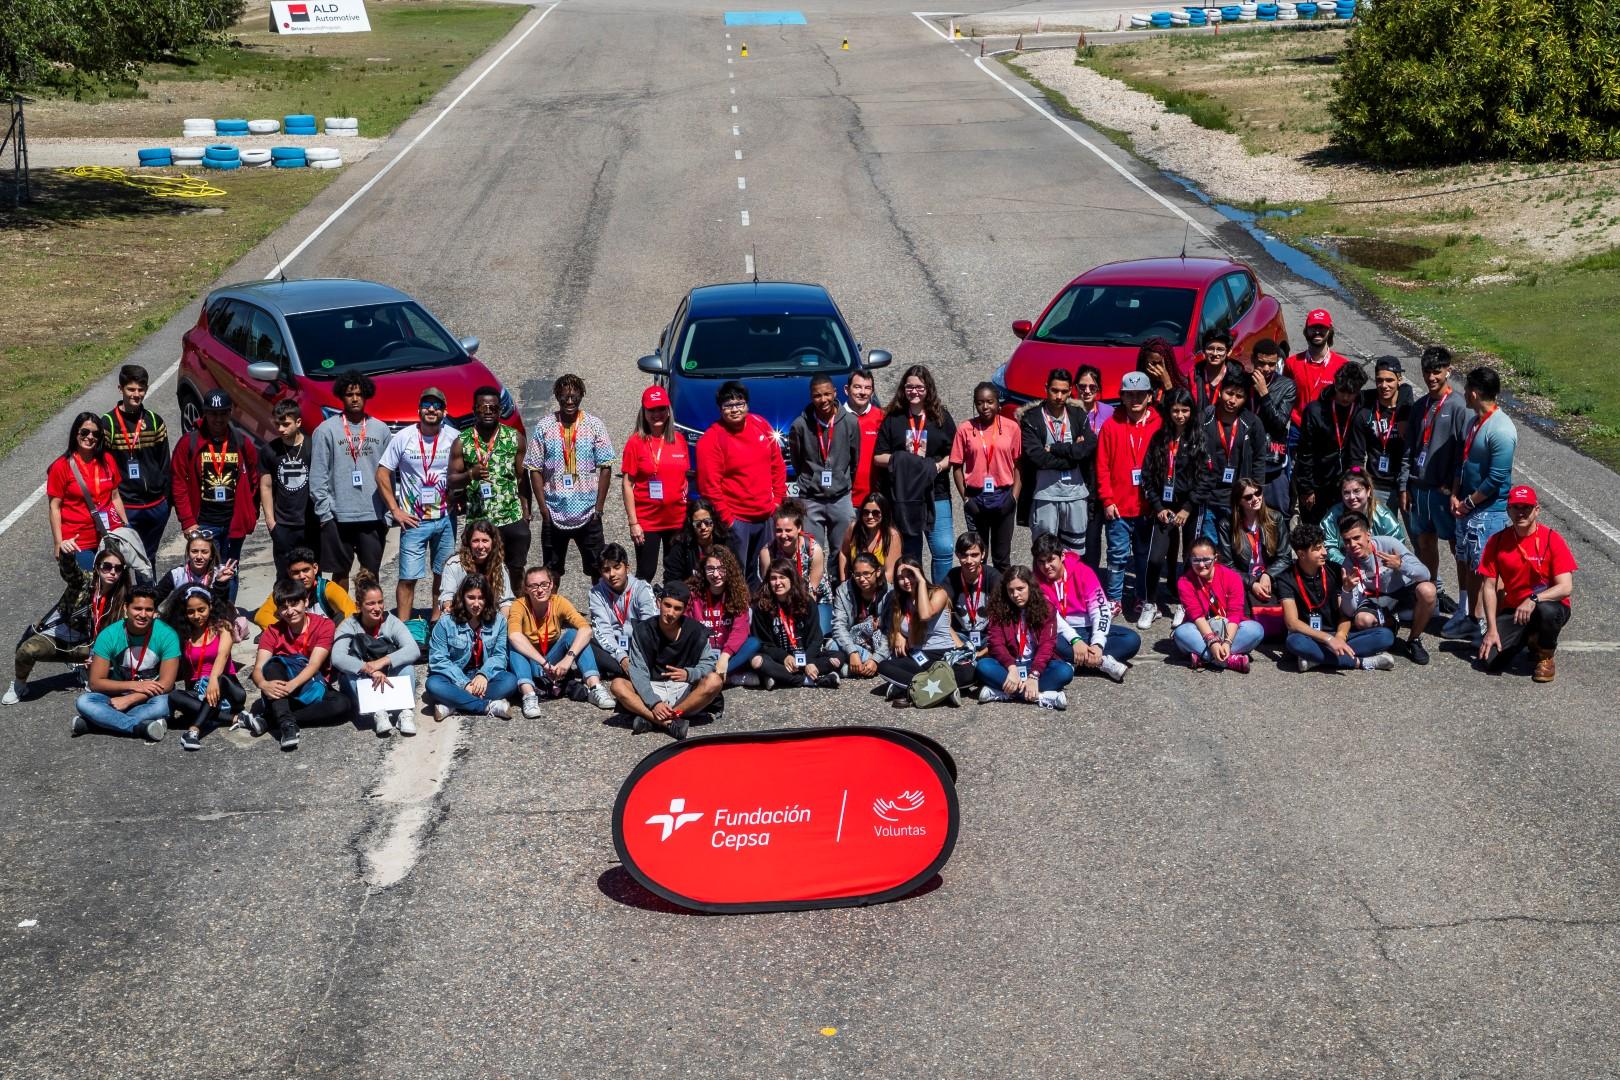 La Fundación Cepsa implicada con la formación en seguridad vial de los jóvenes